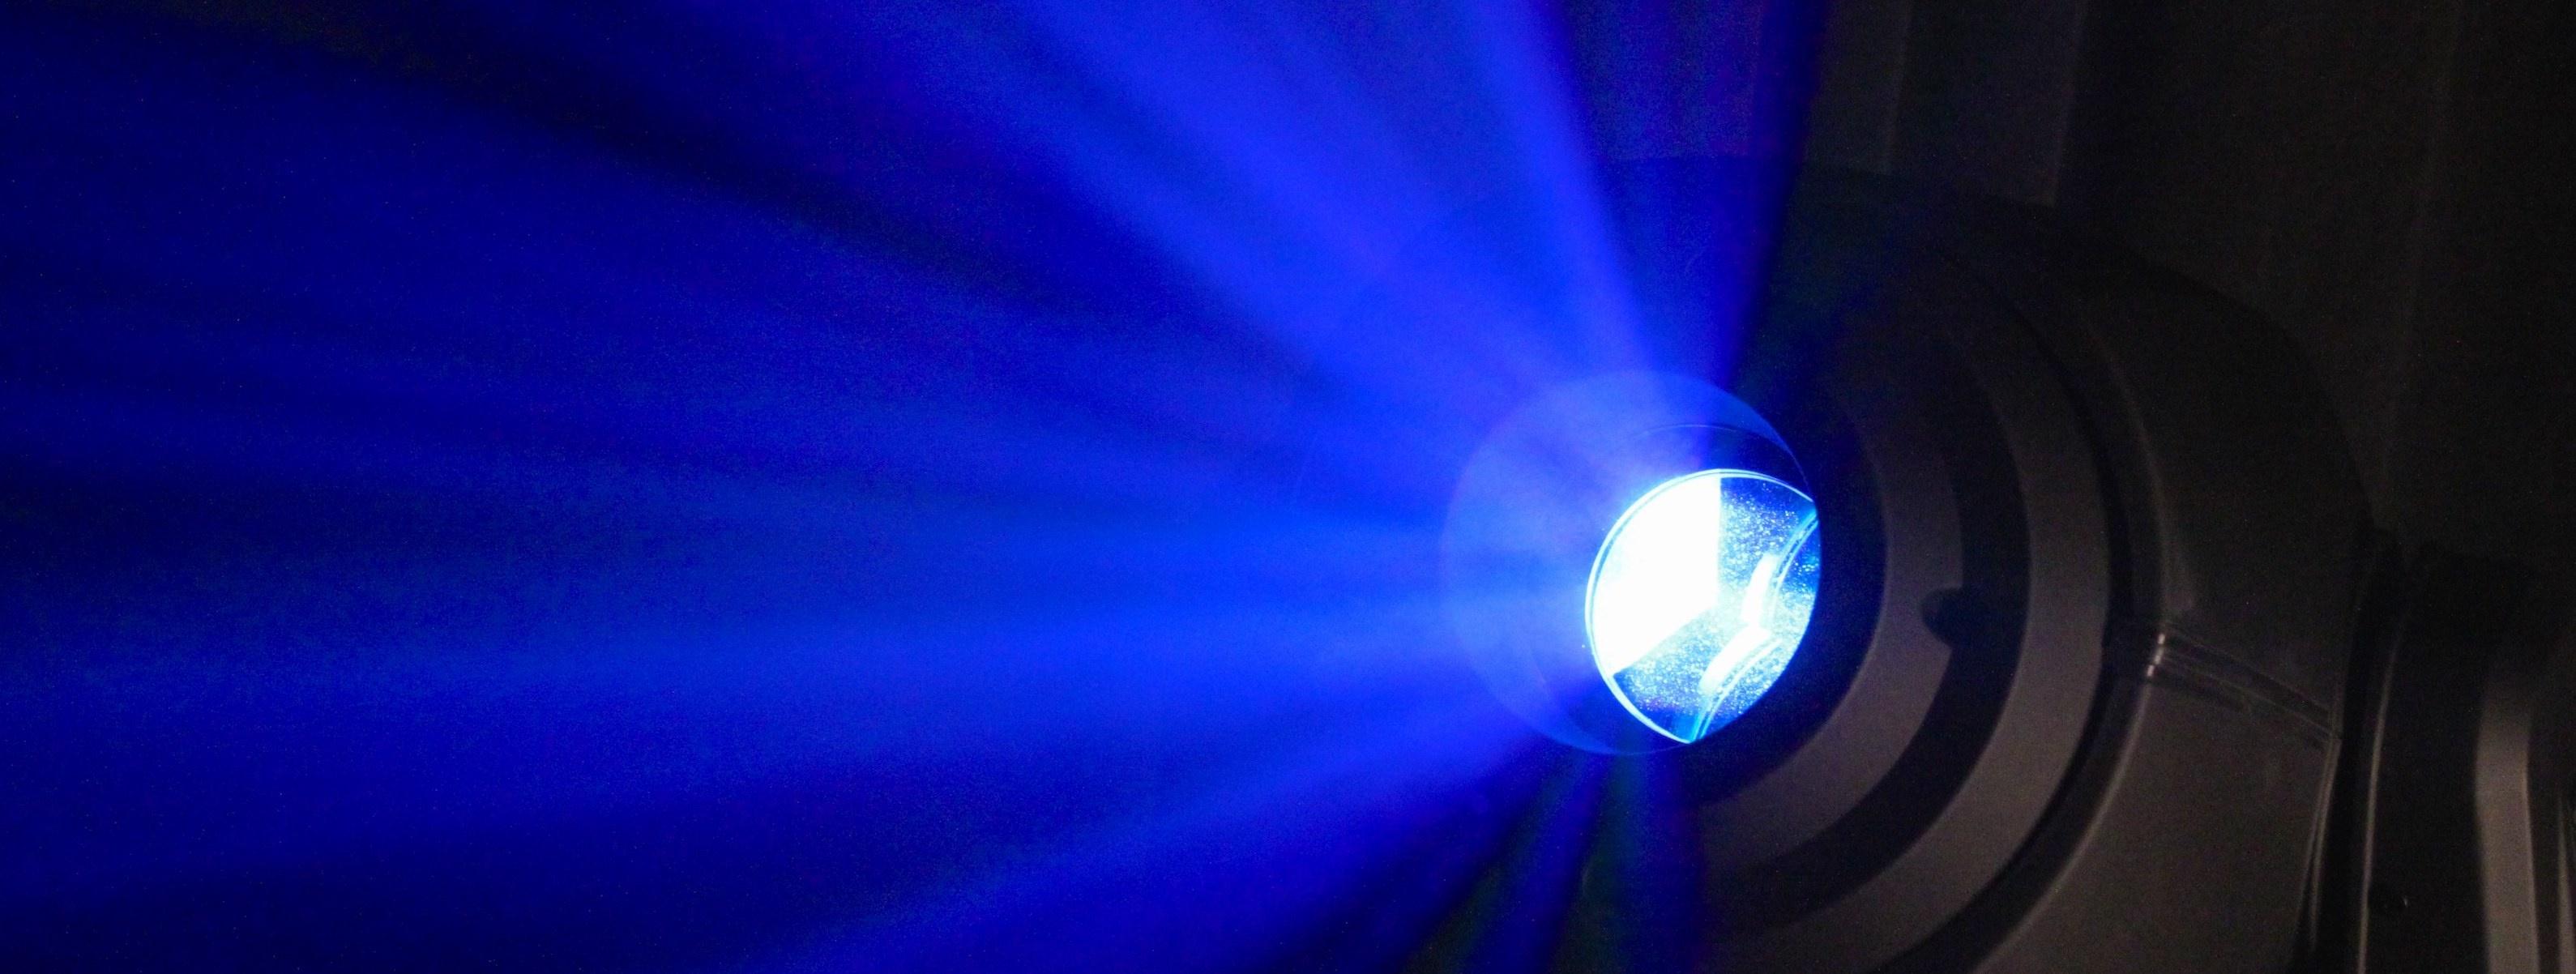 tsv stl lighting